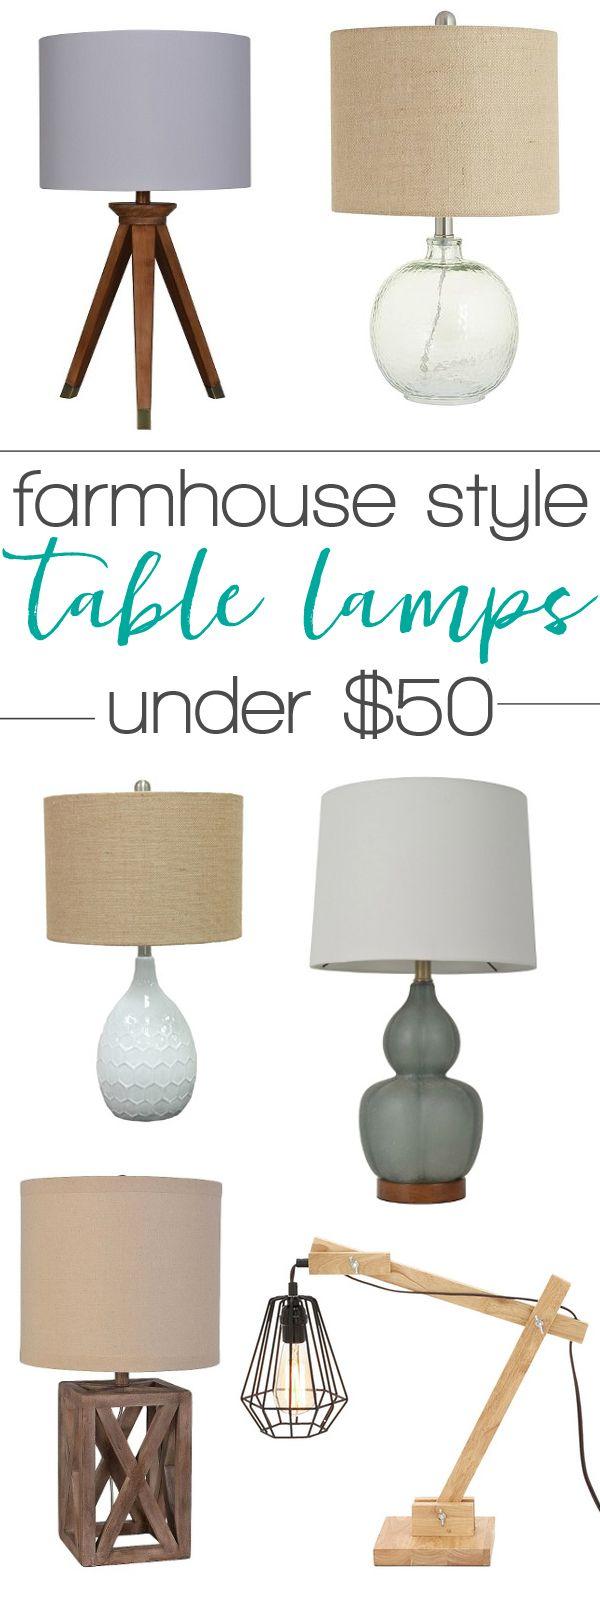 Farmhouse style lamps under $50 | Farmhouse style table, Farmhouse ...